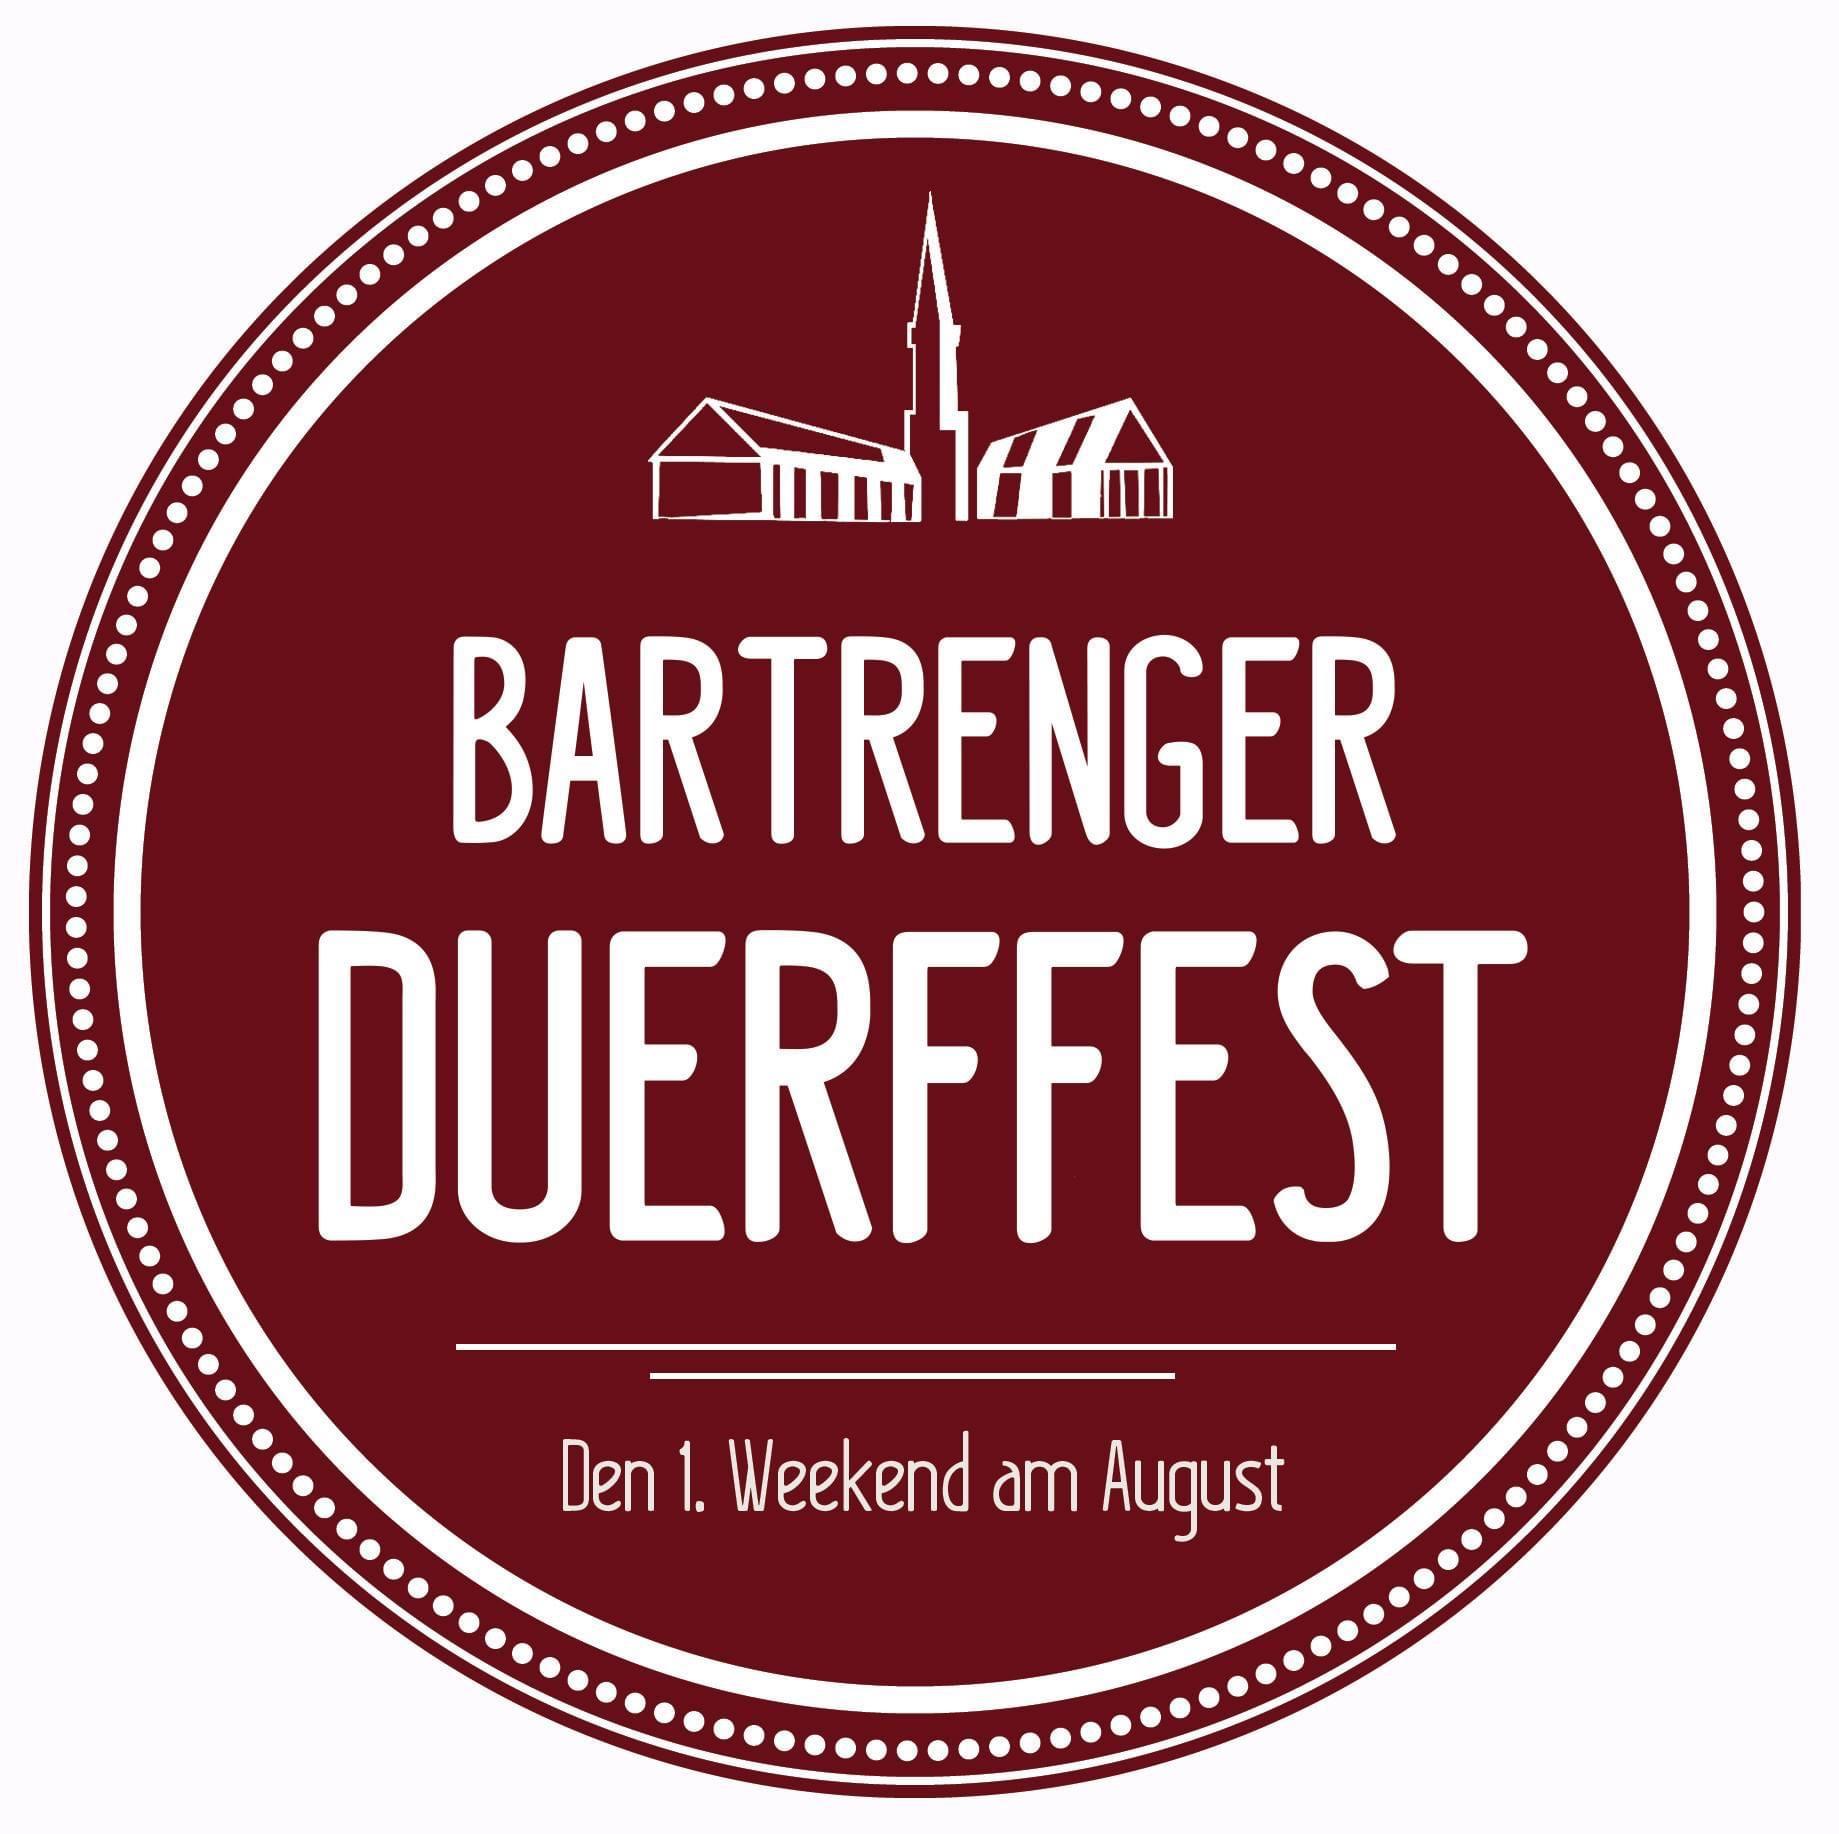 Duerffest Bartreng 7.-9. August 2020